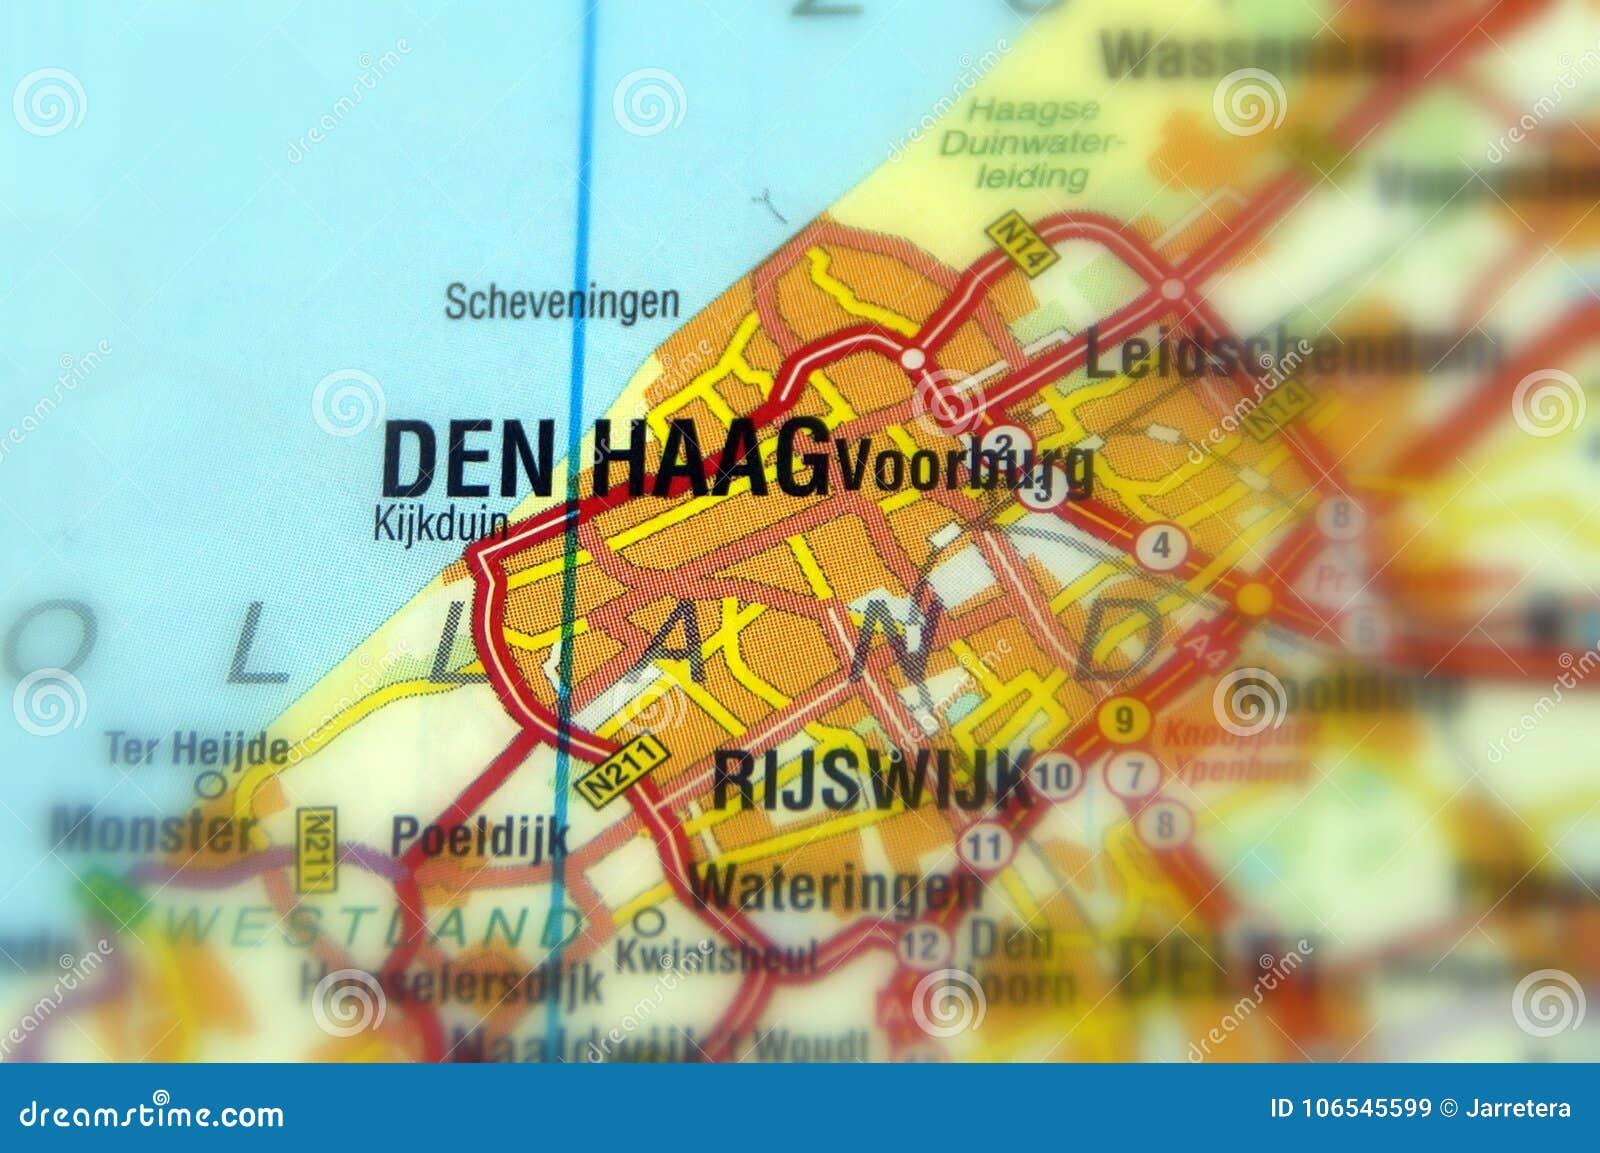 Haia, os Países Baixos - Europa